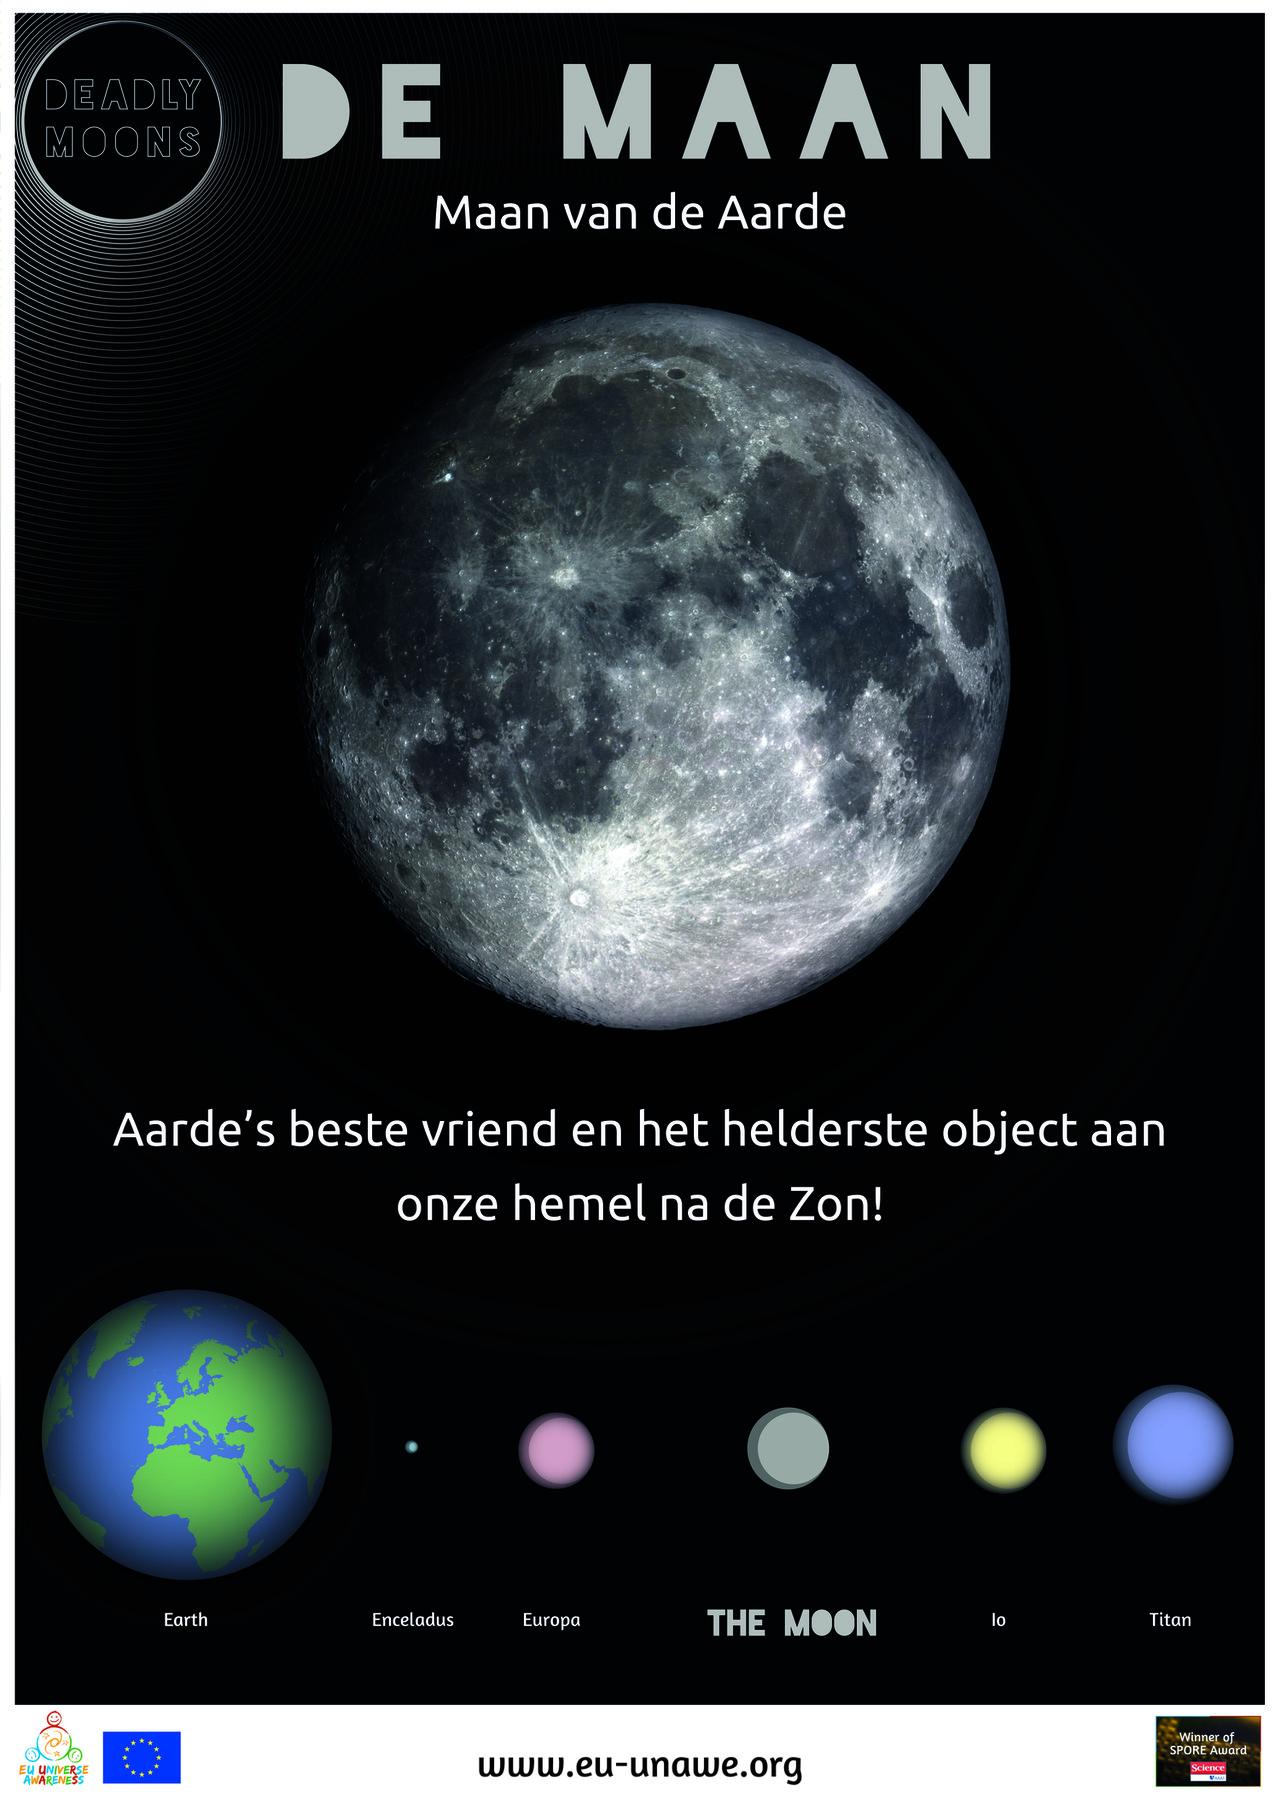 maan en aarde